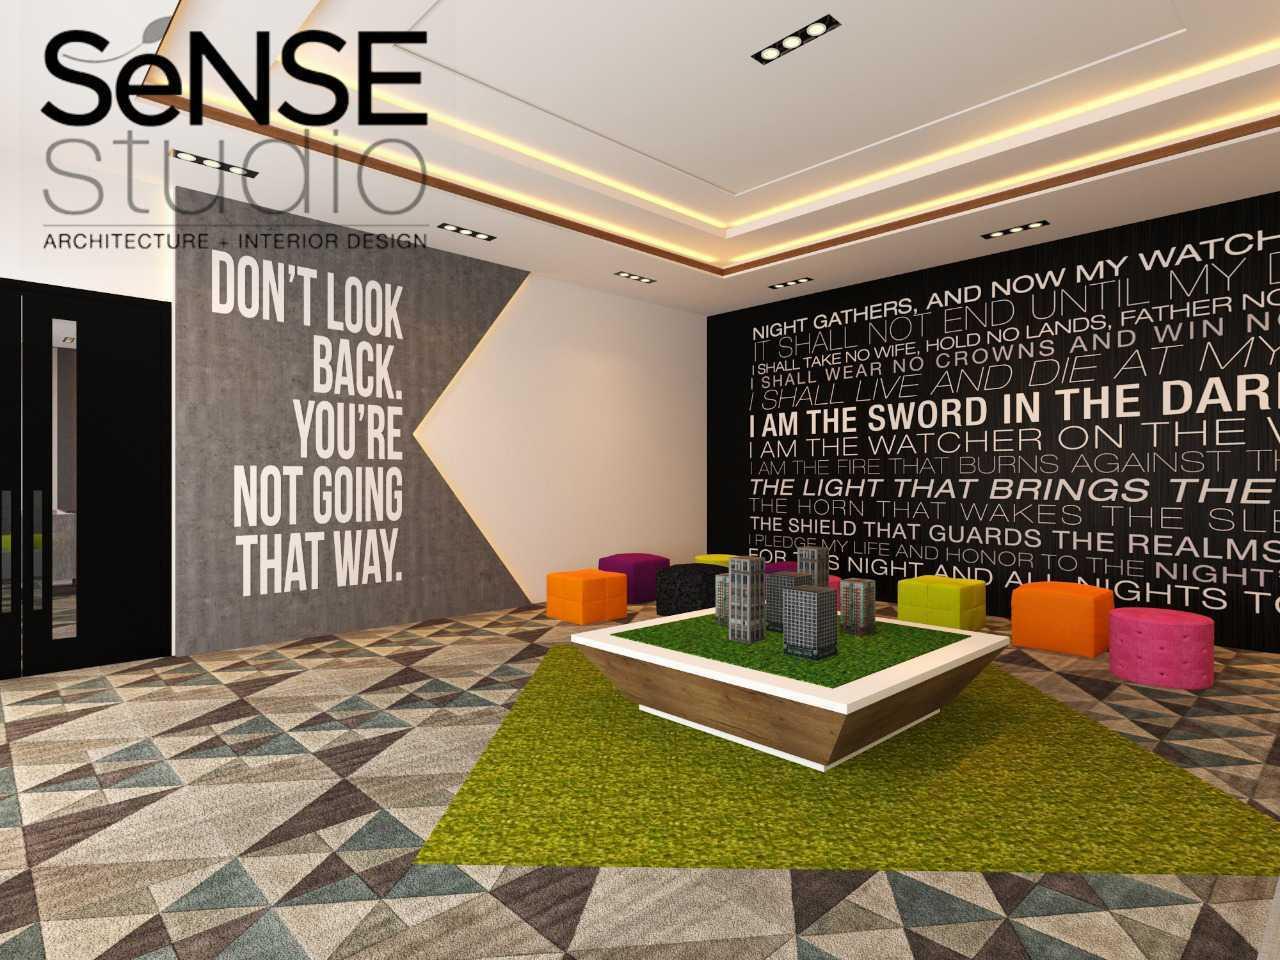 Sense Isle Studio Office Pandaan Kec. Pandaan, Pasuruan, Jawa Timur, Indonesia Kec. Pandaan, Pasuruan, Jawa Timur, Indonesia Sense-Studio-Office-Pandaan   80422